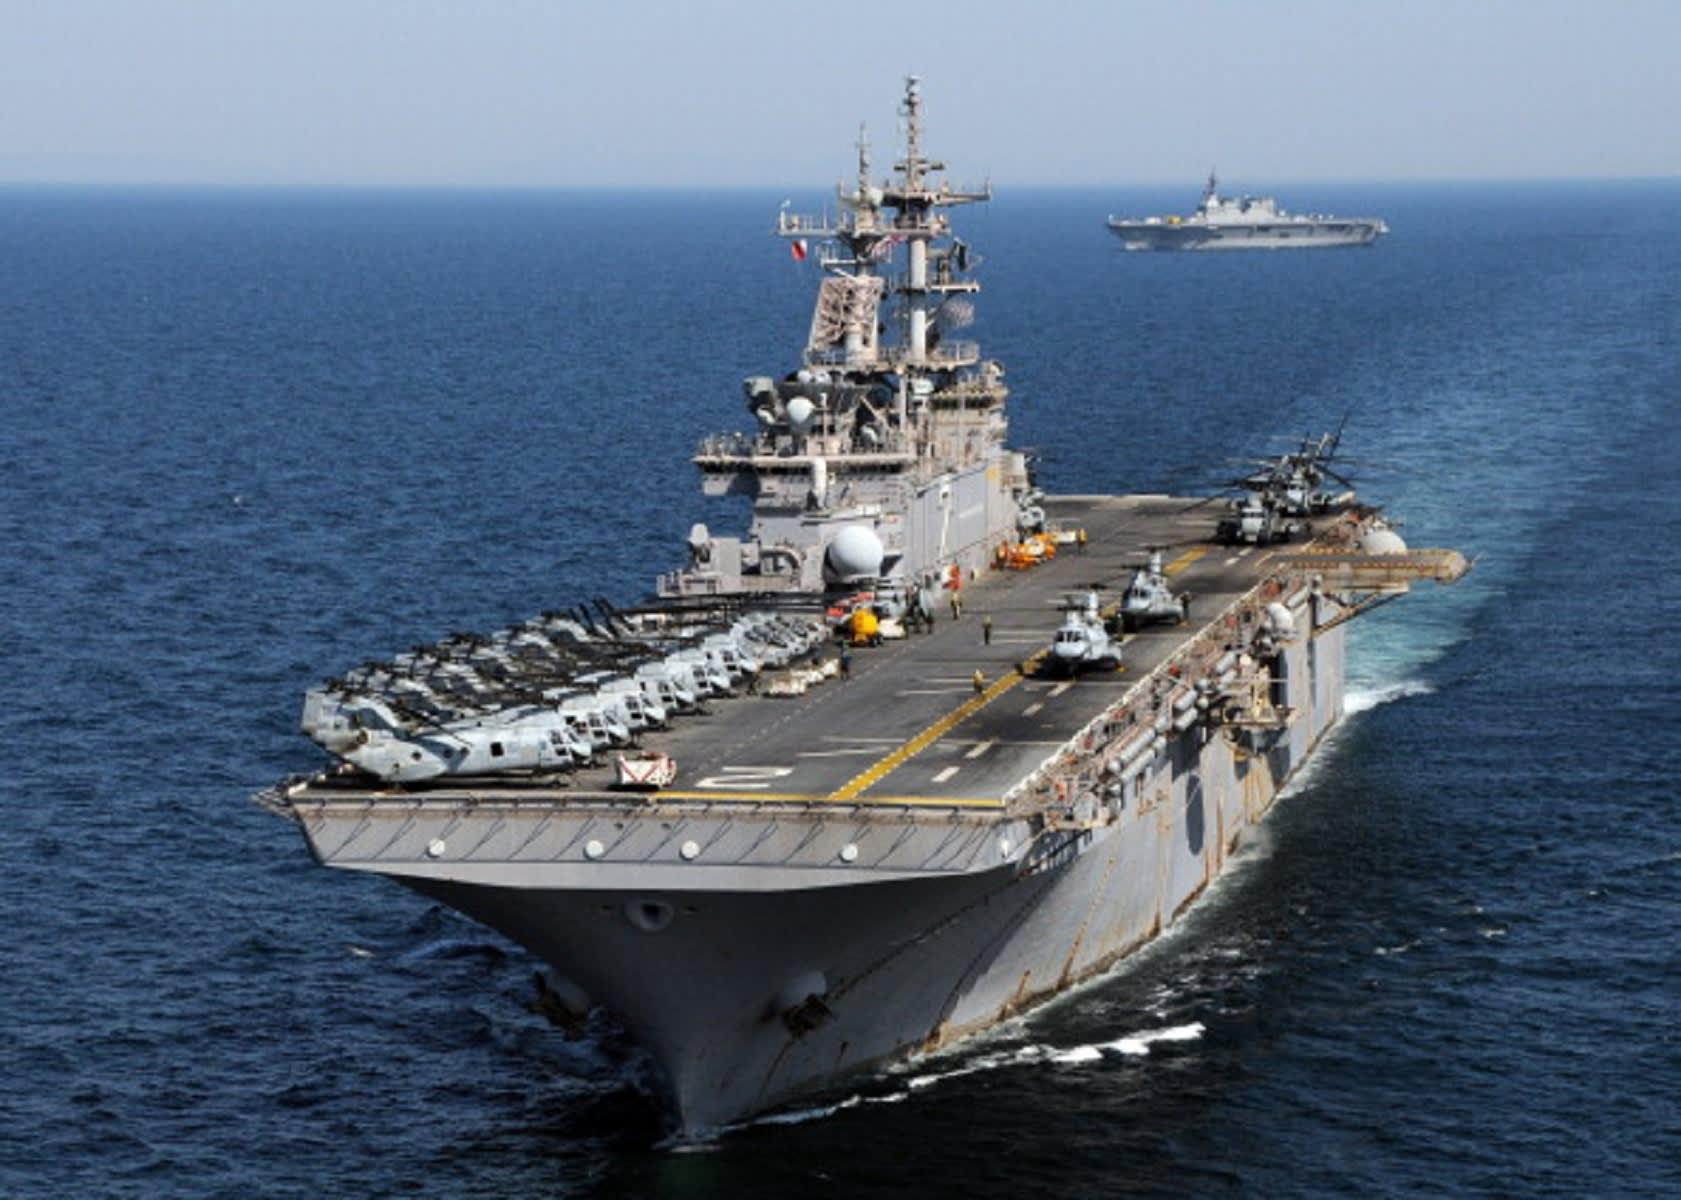 اقتراب زورقين إيرانيين من سفينة أمريكية على متنها قائد عام